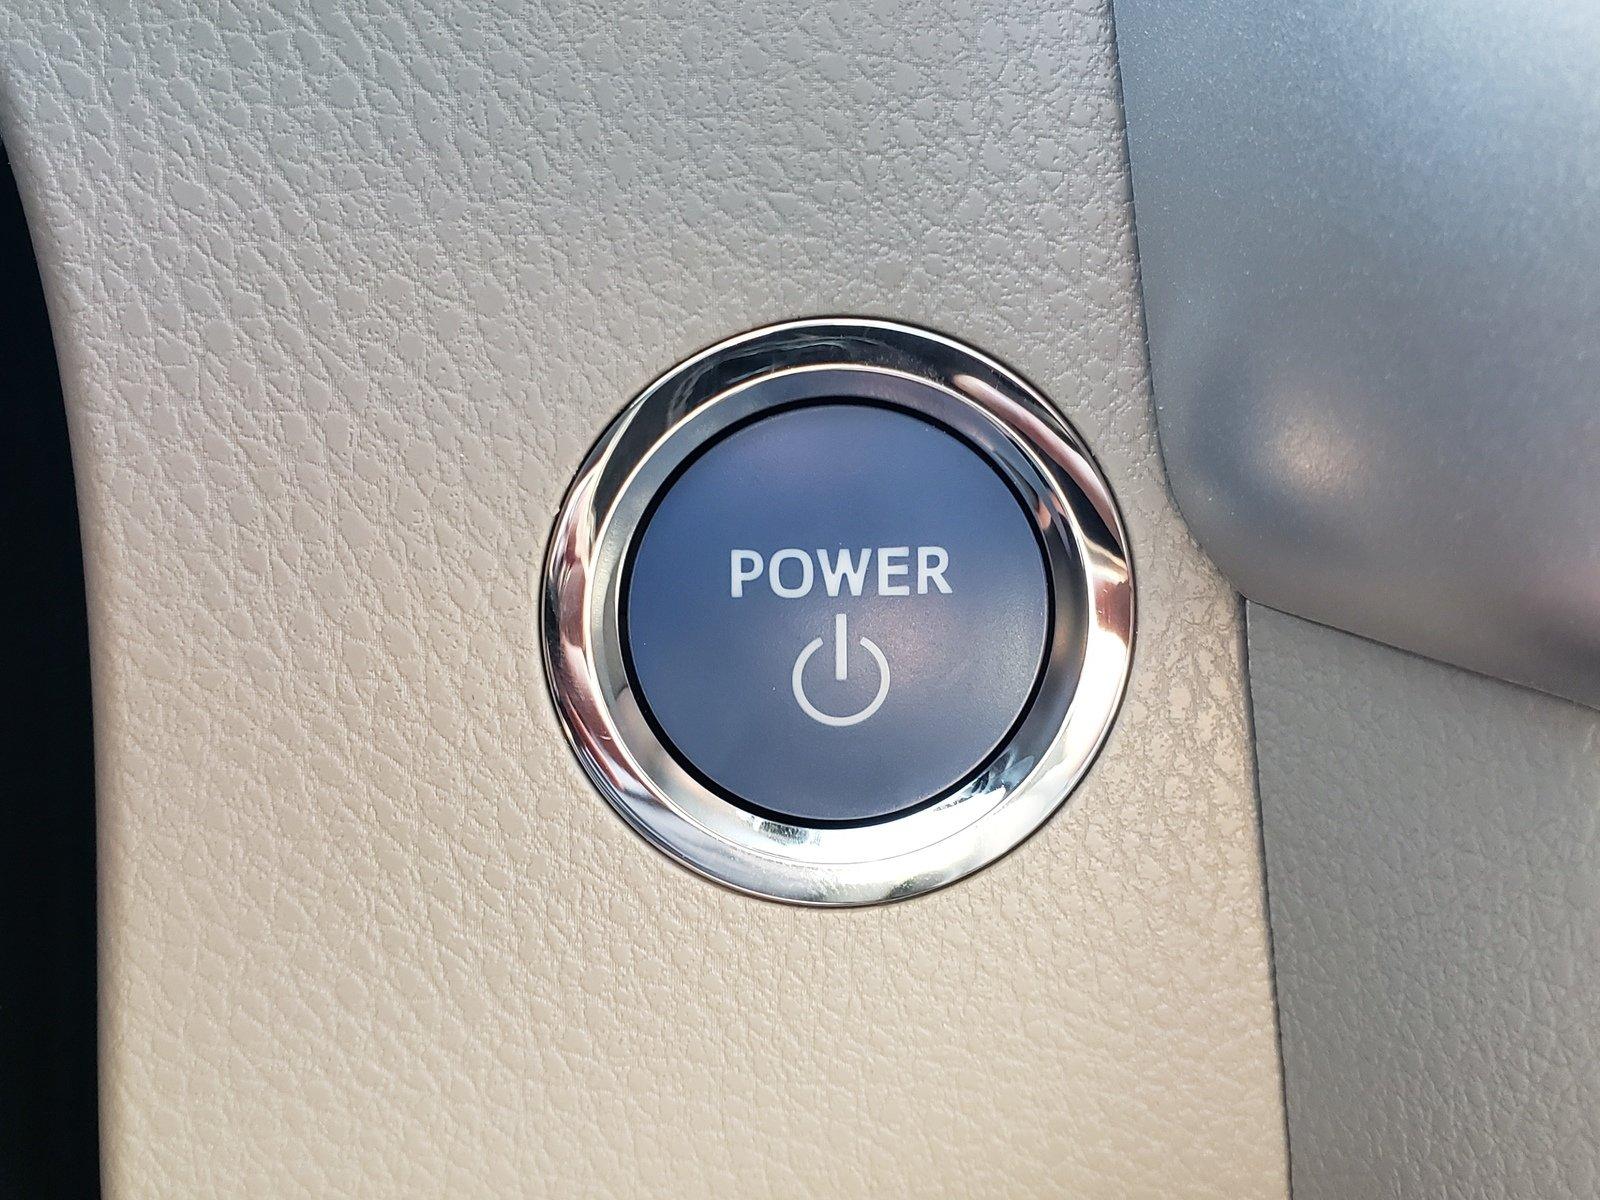 New 2019 Toyota Highlander Hybrid For Sale at Nalley Toyota